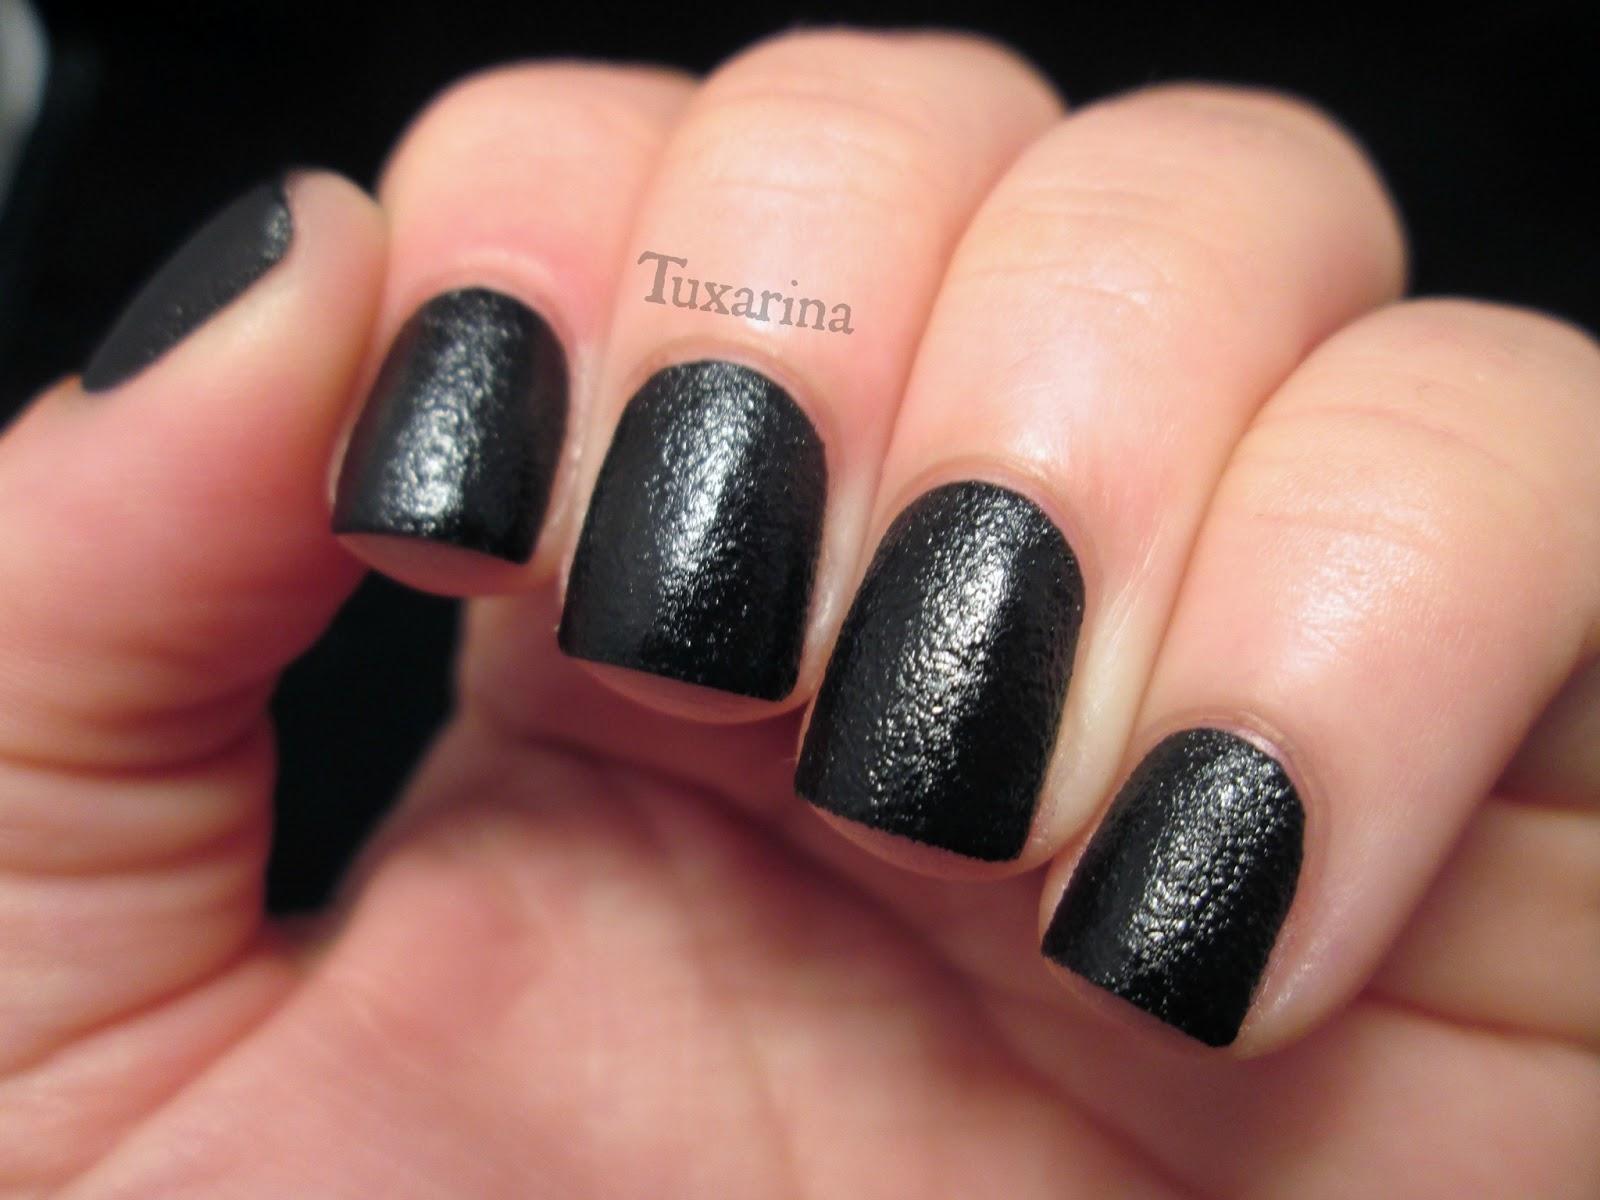 Tuxarina: Nails Inc: Leather Effect Noho